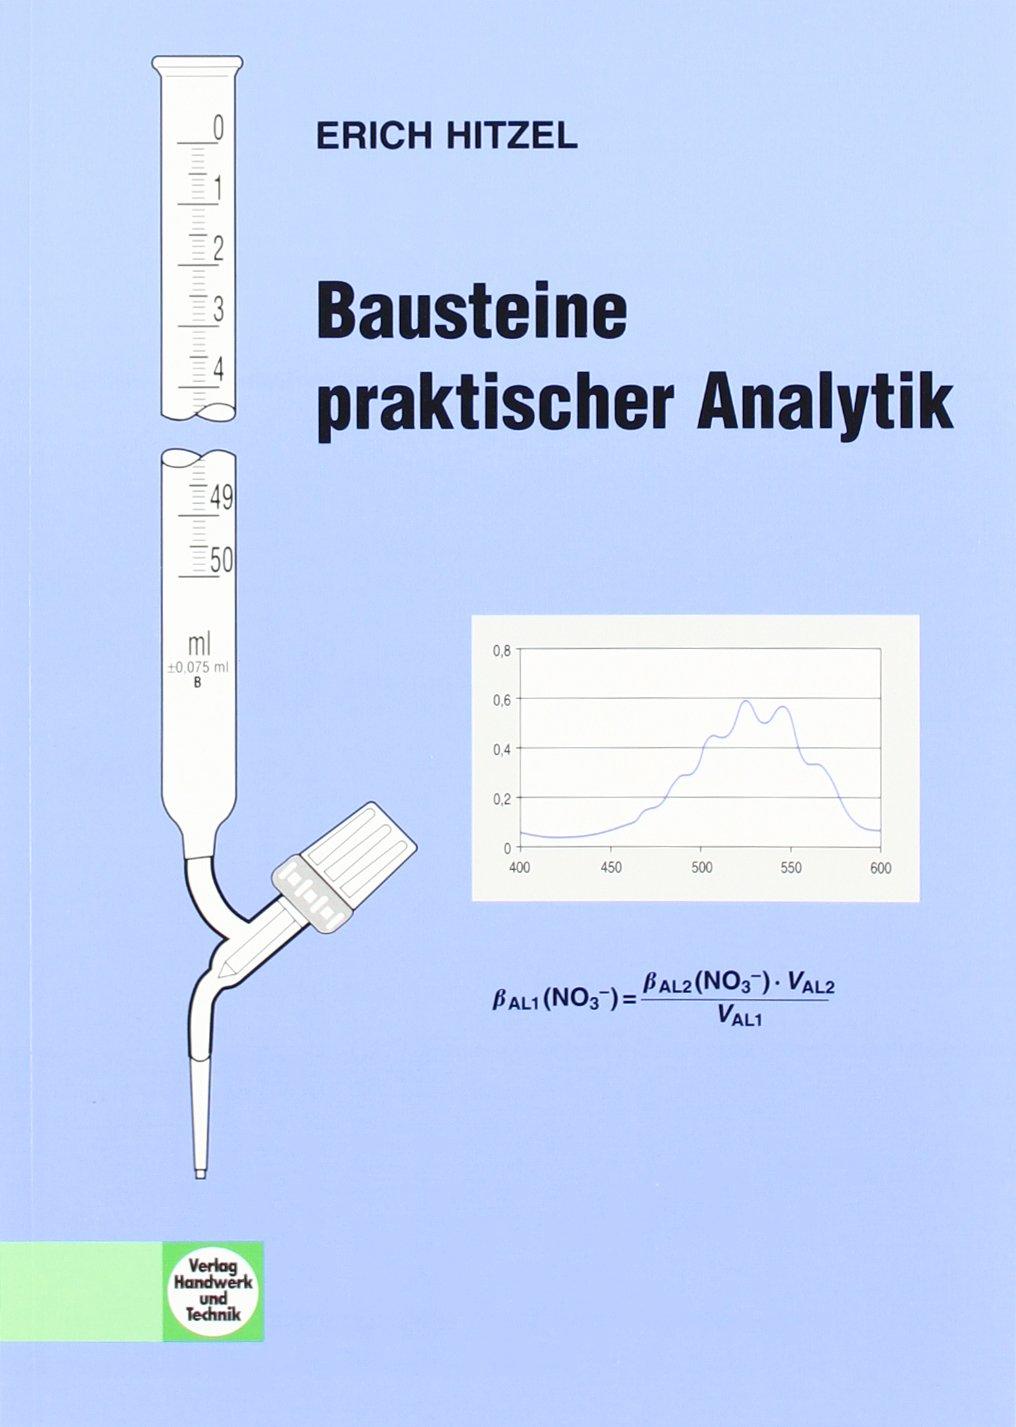 Bausteine praktischer Analytik